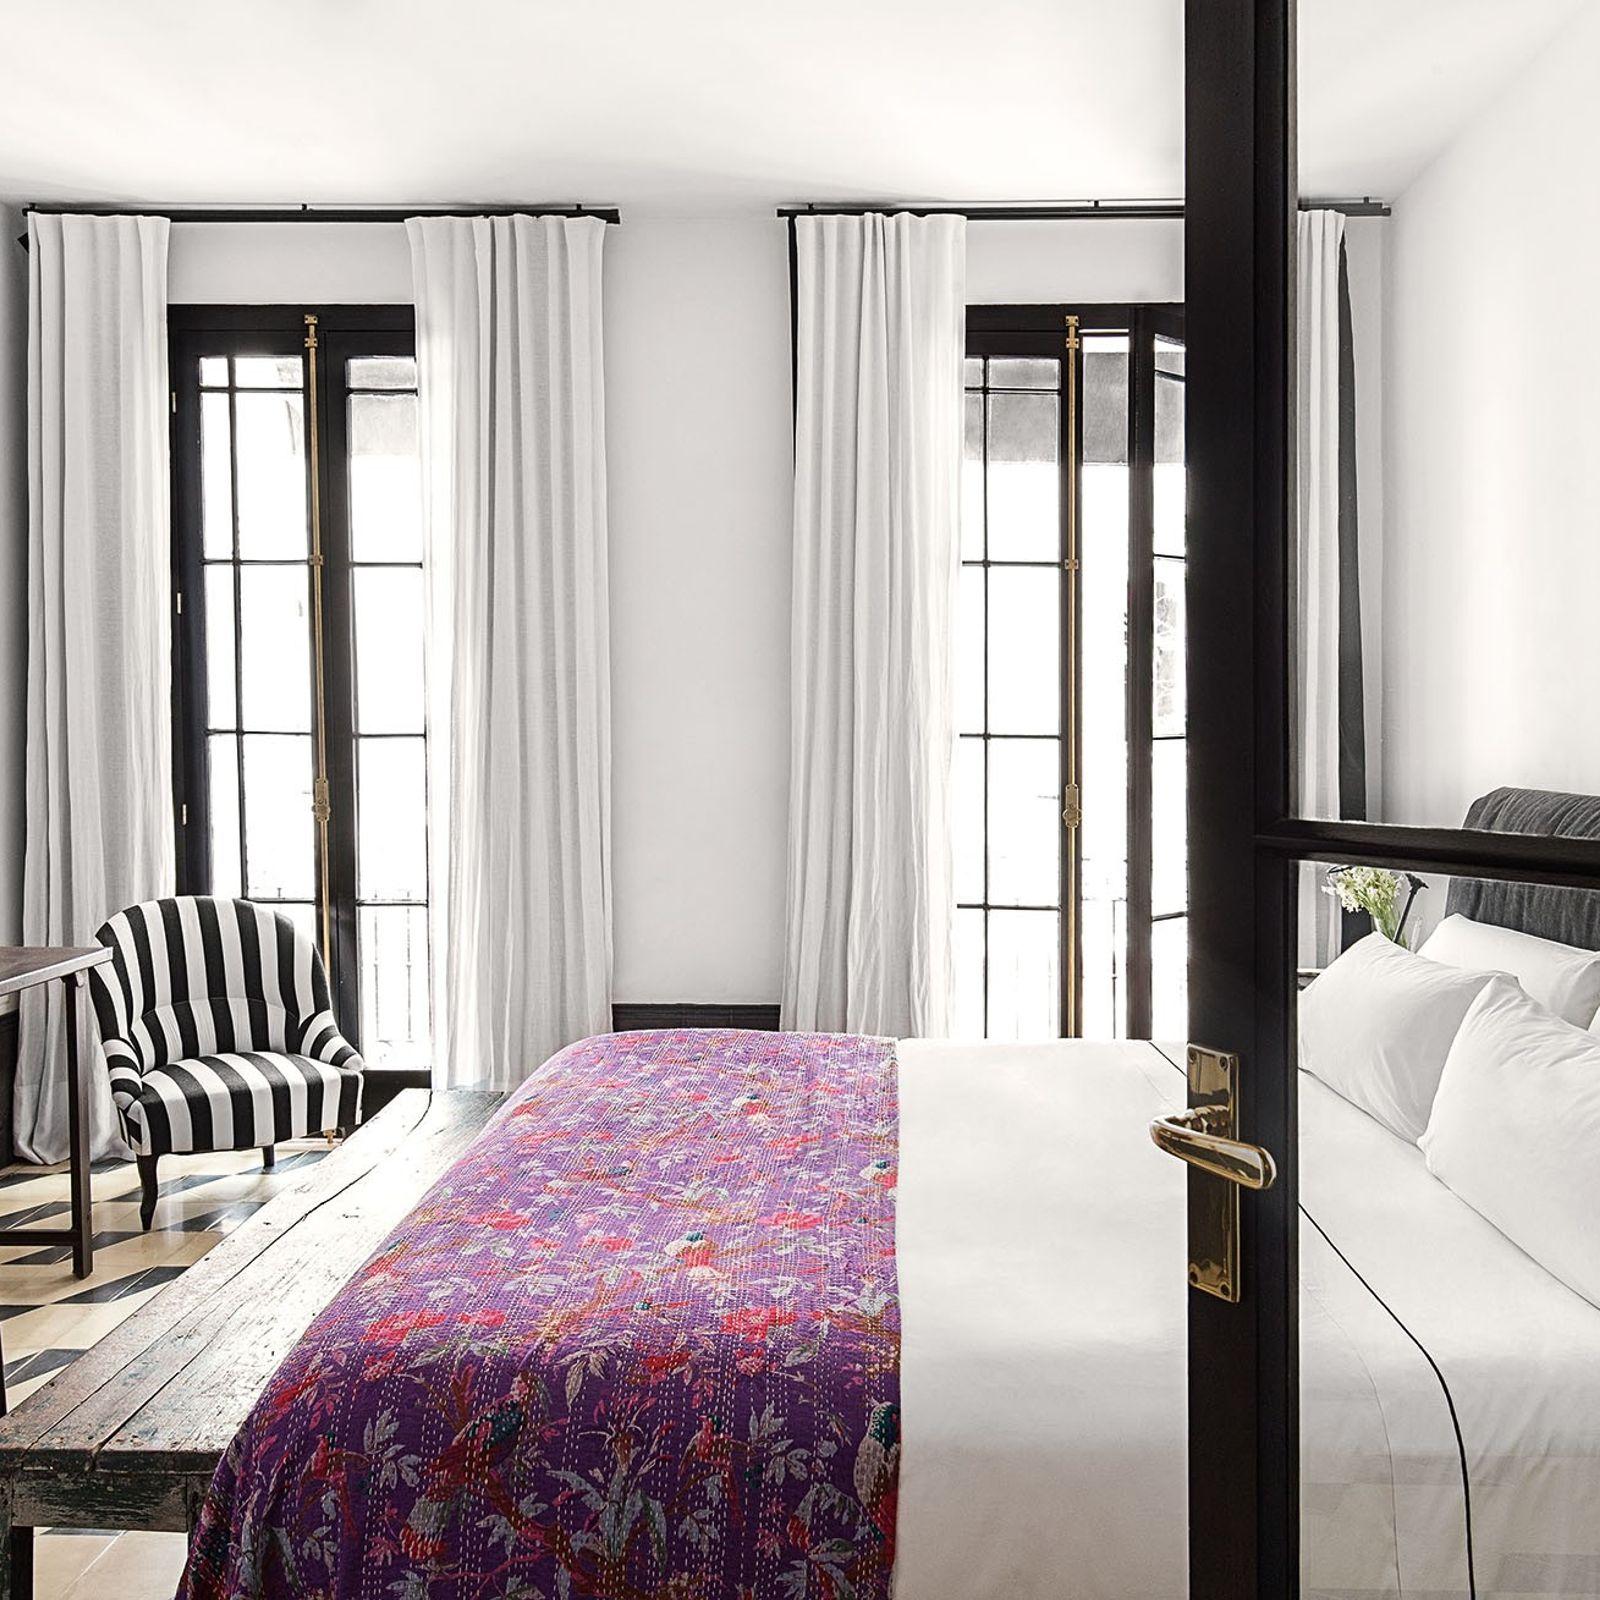 Room at Lomo de Angel.